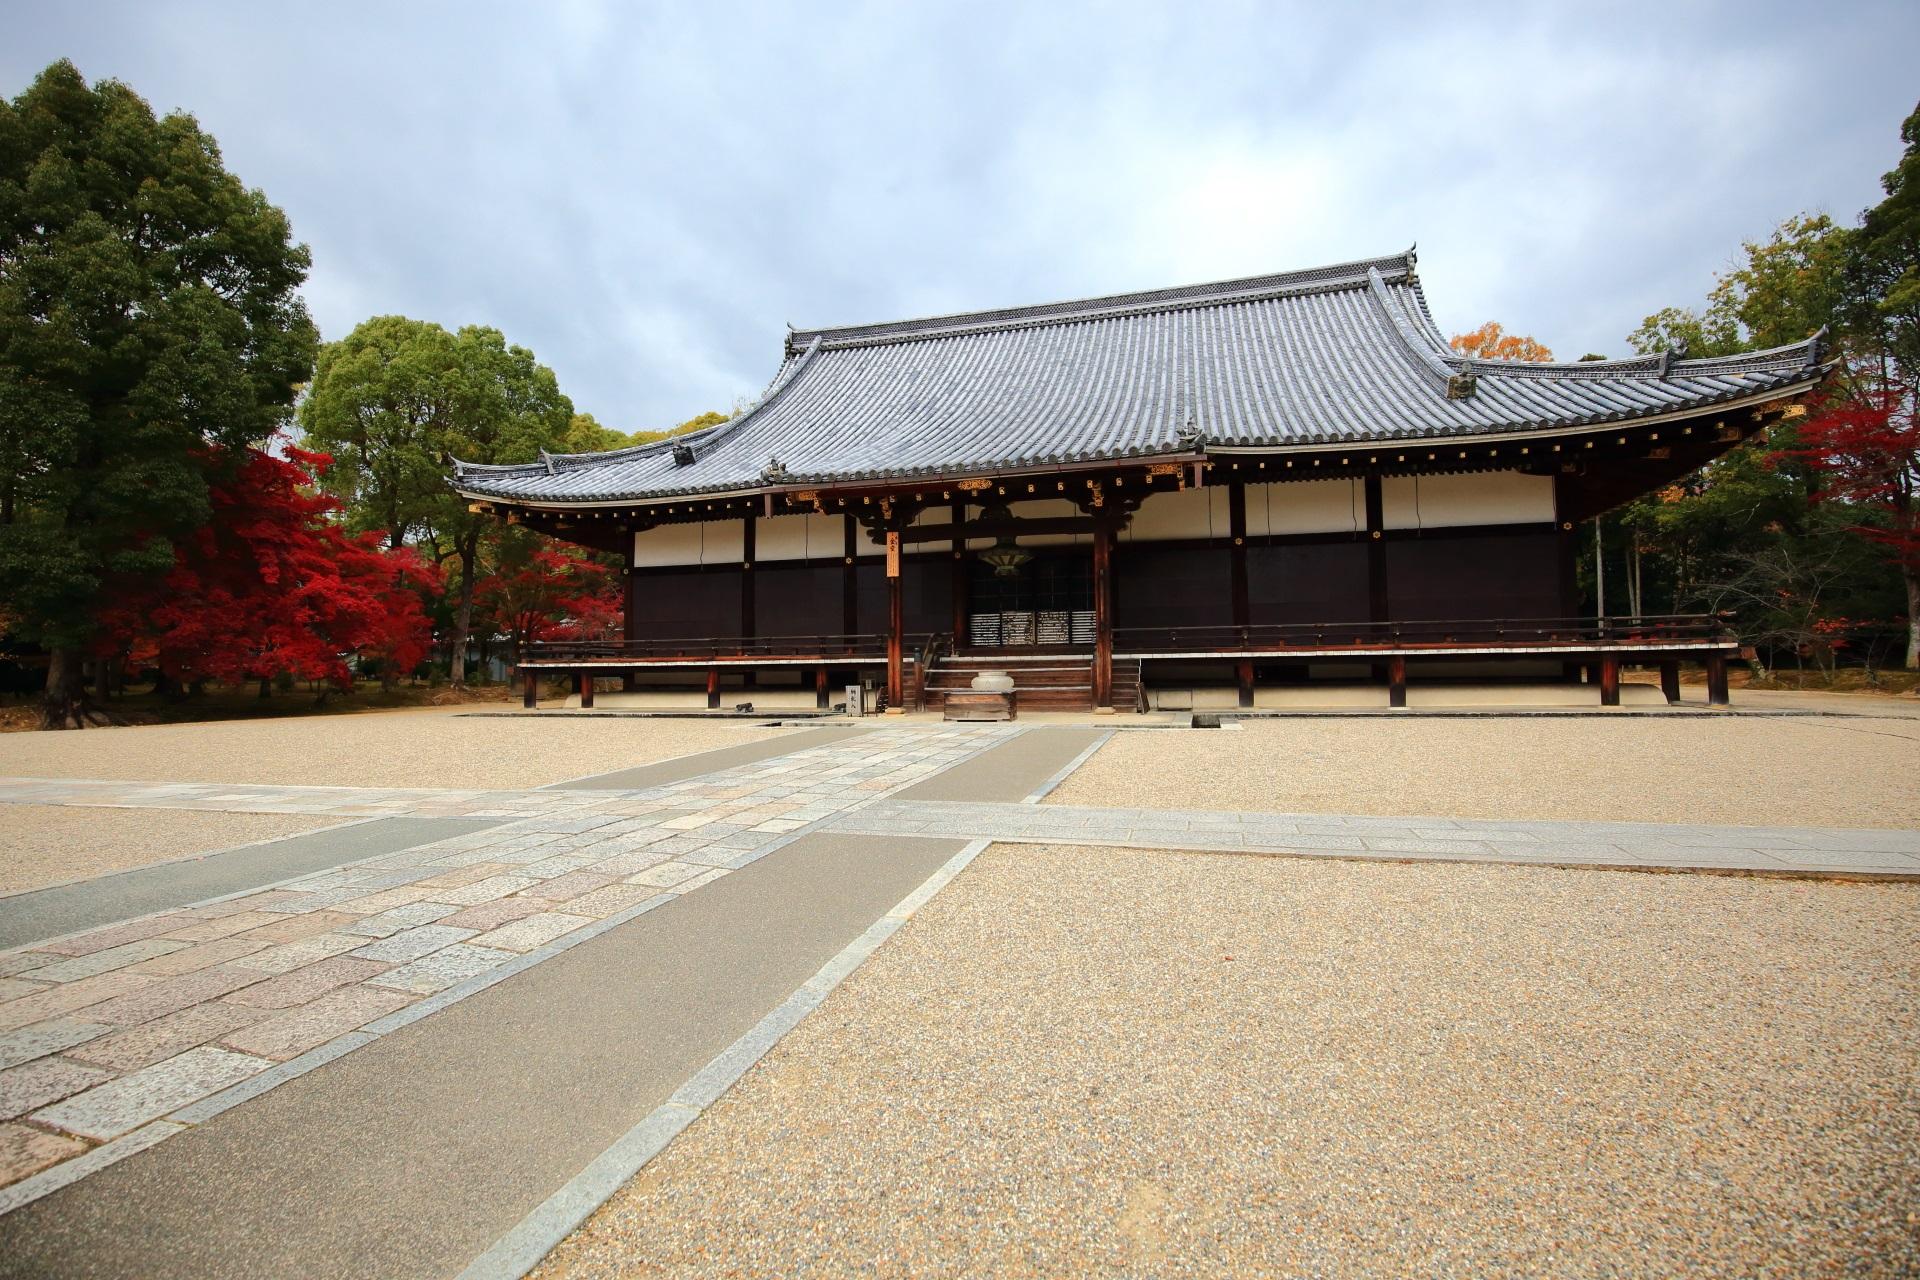 仁和寺の両脇で紅葉が華やぐ金堂